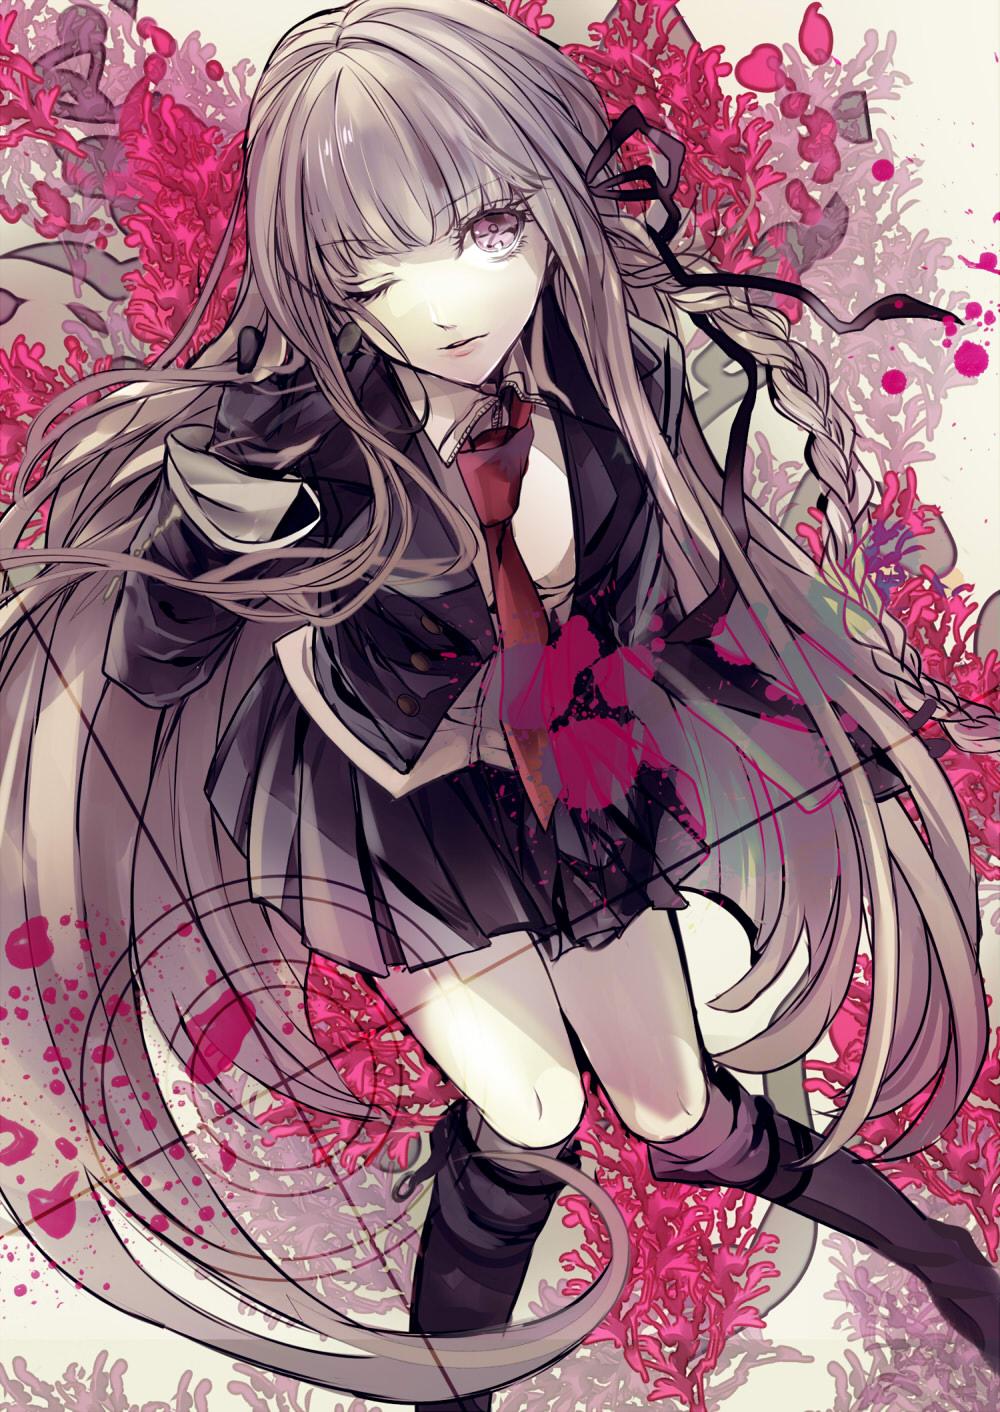 Danganronpa Mobile Wallpaper Zerochan Anime Image Board